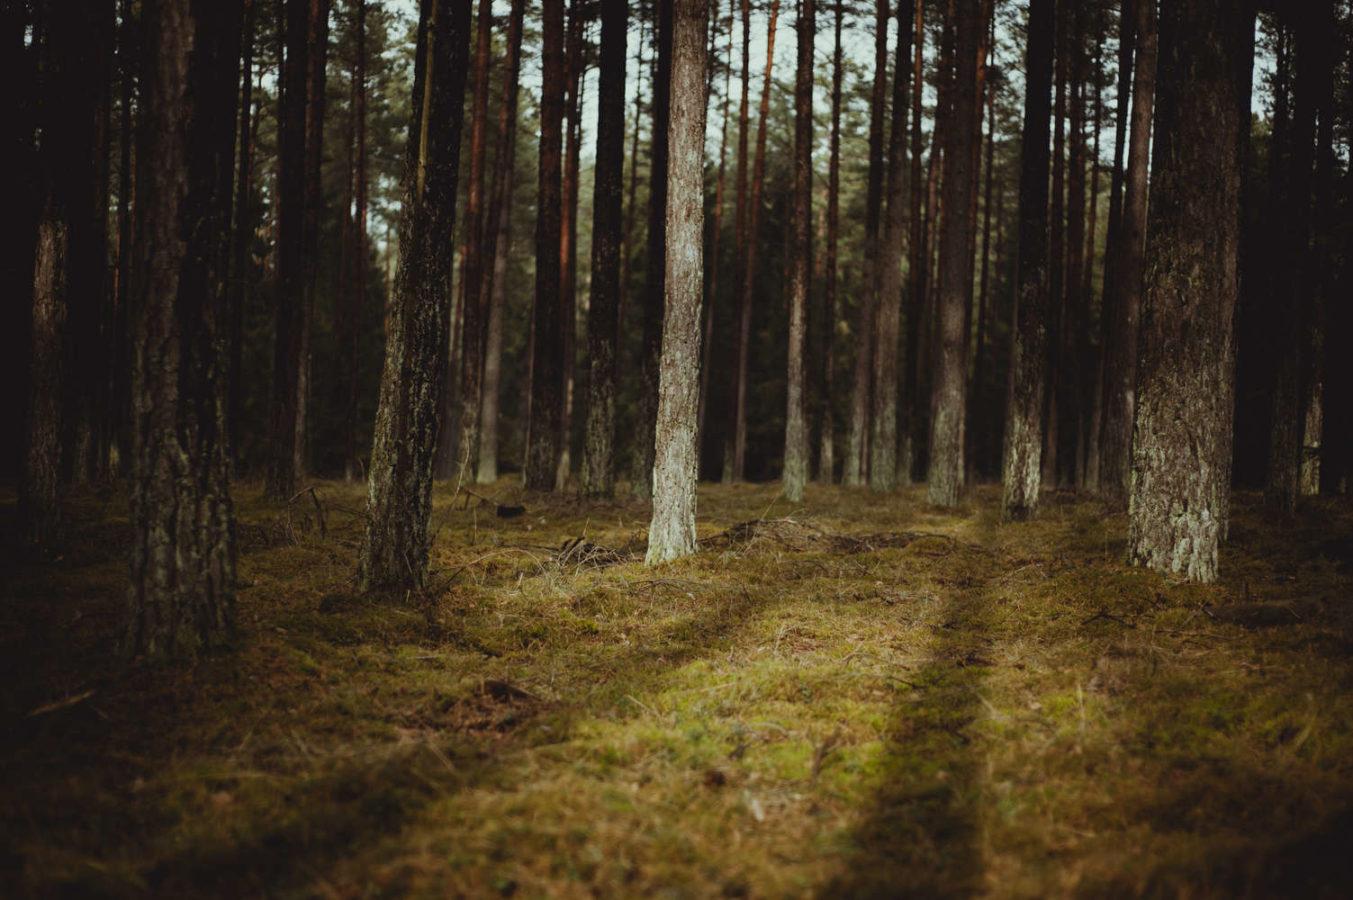 las agroturystyka w mierkach